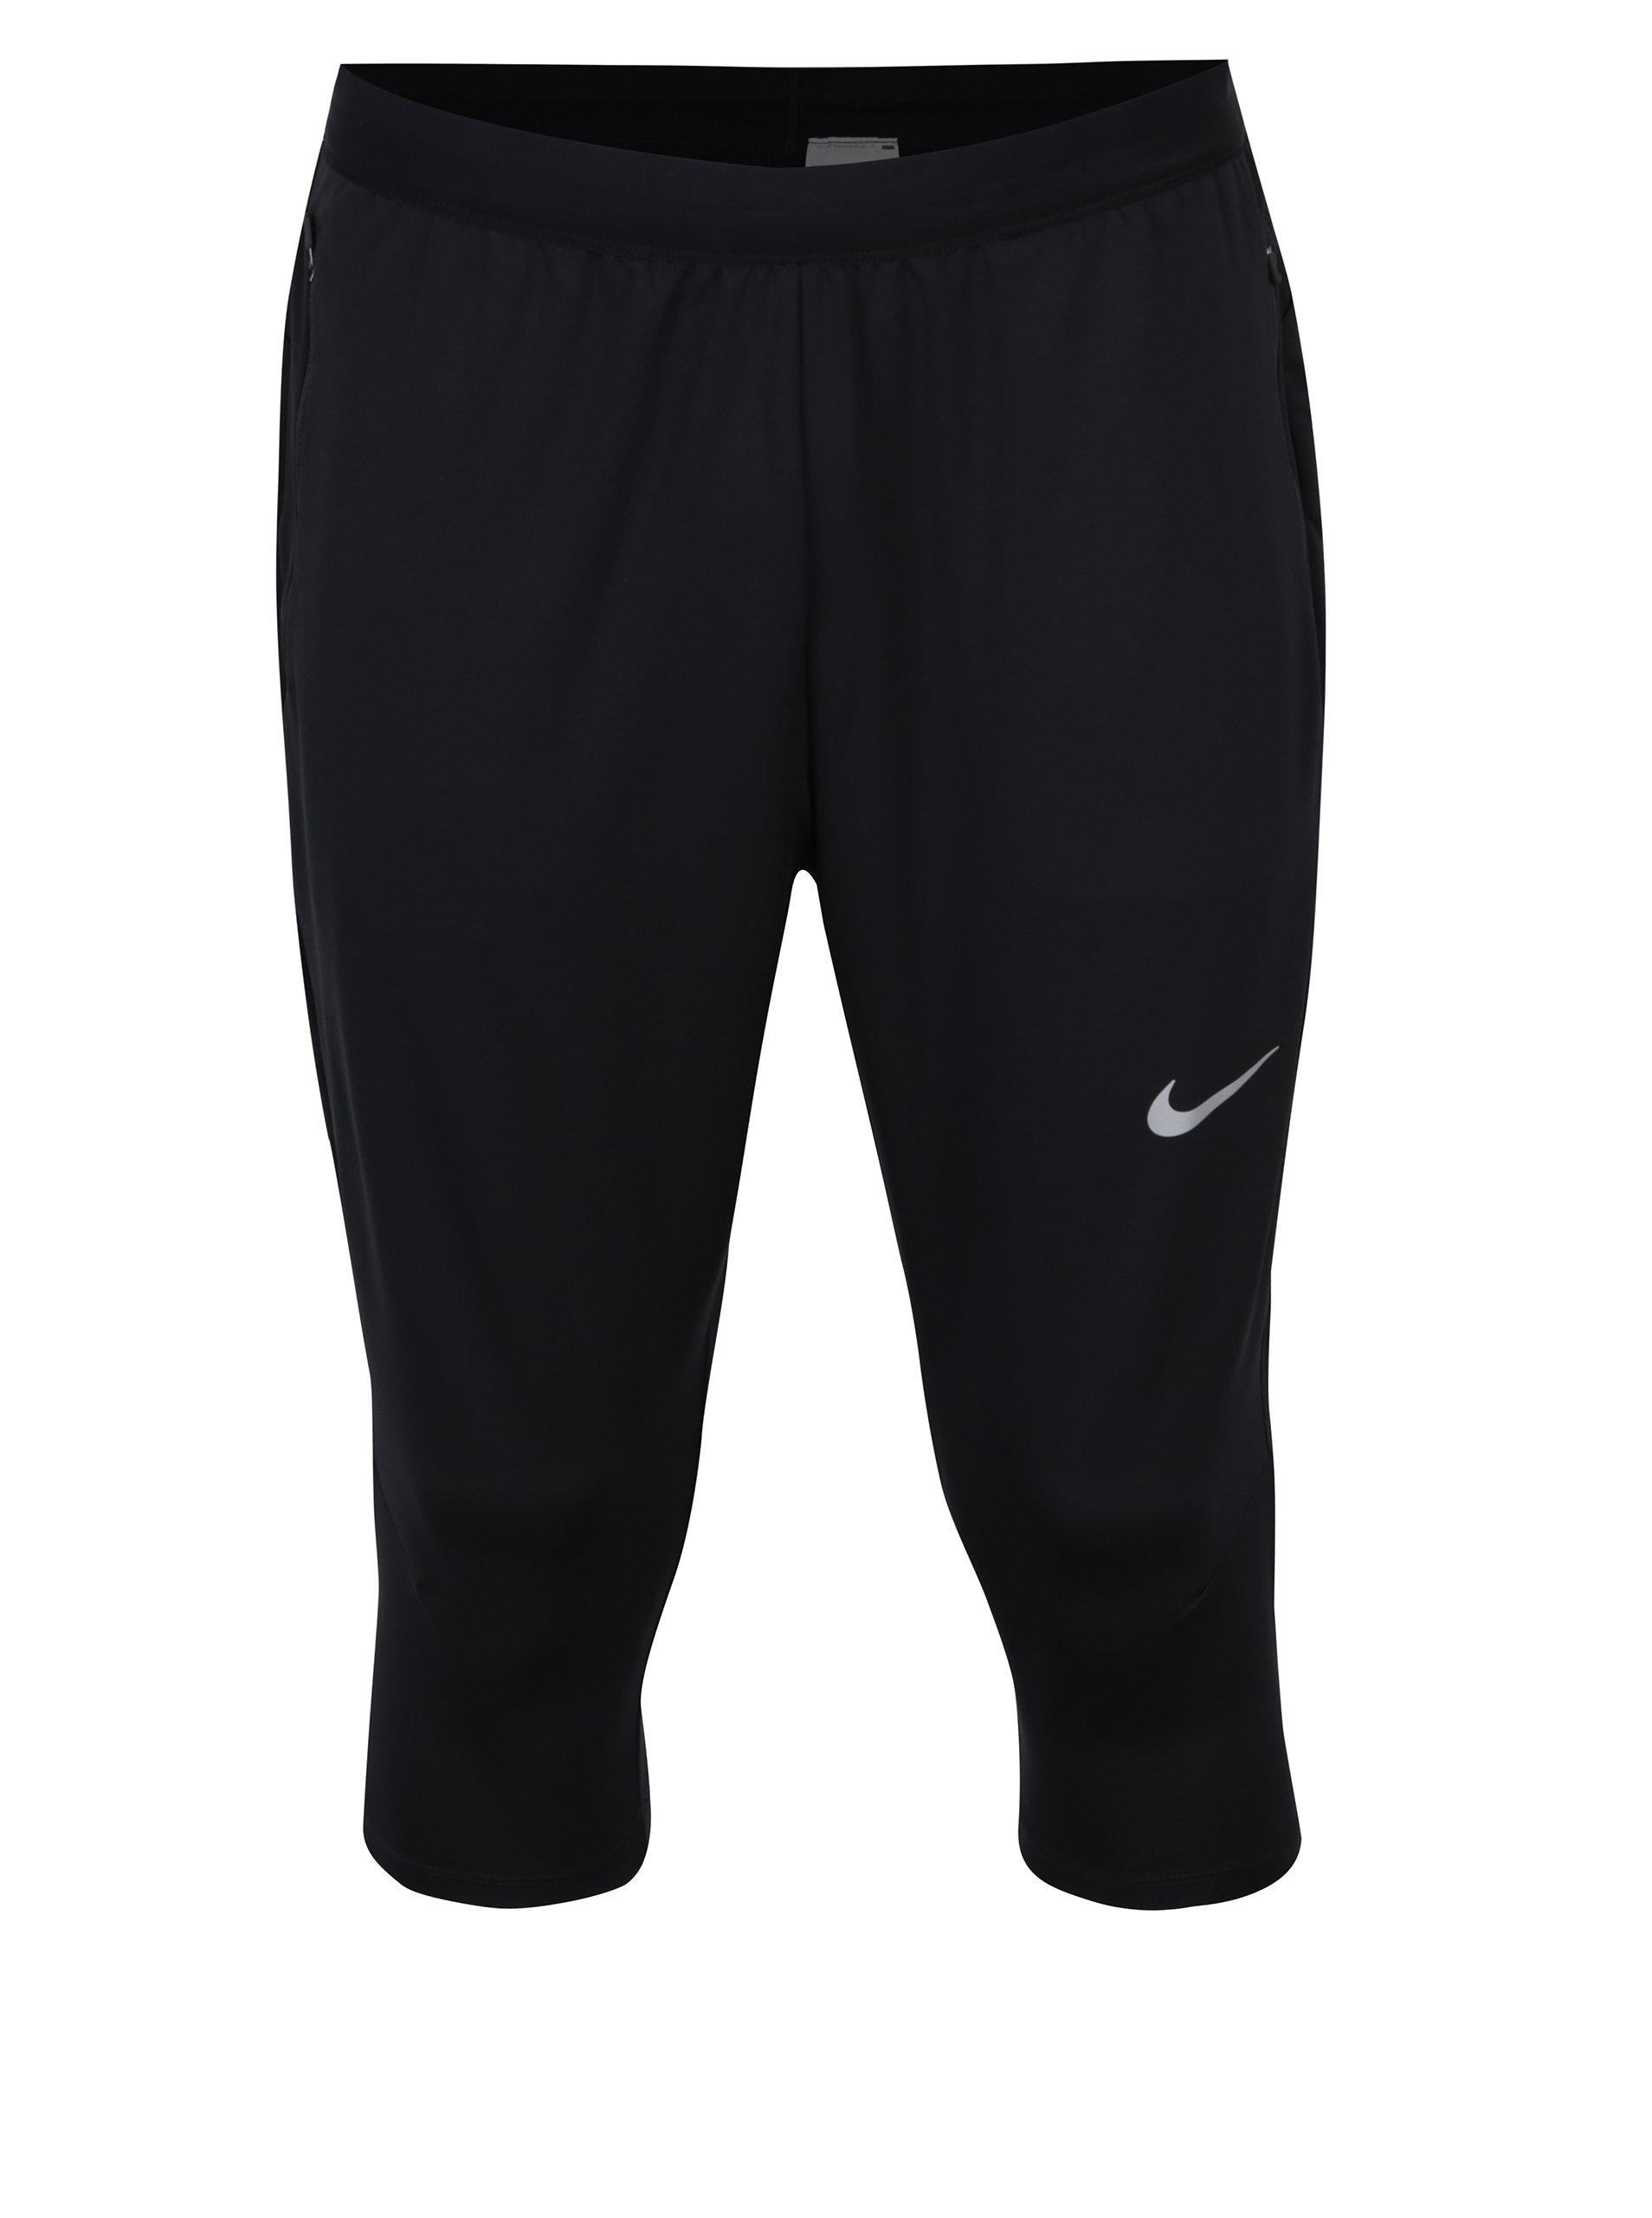 7a59154dda01 Čierne pánske funkčné 3 4 nohavice Nike Dry ...